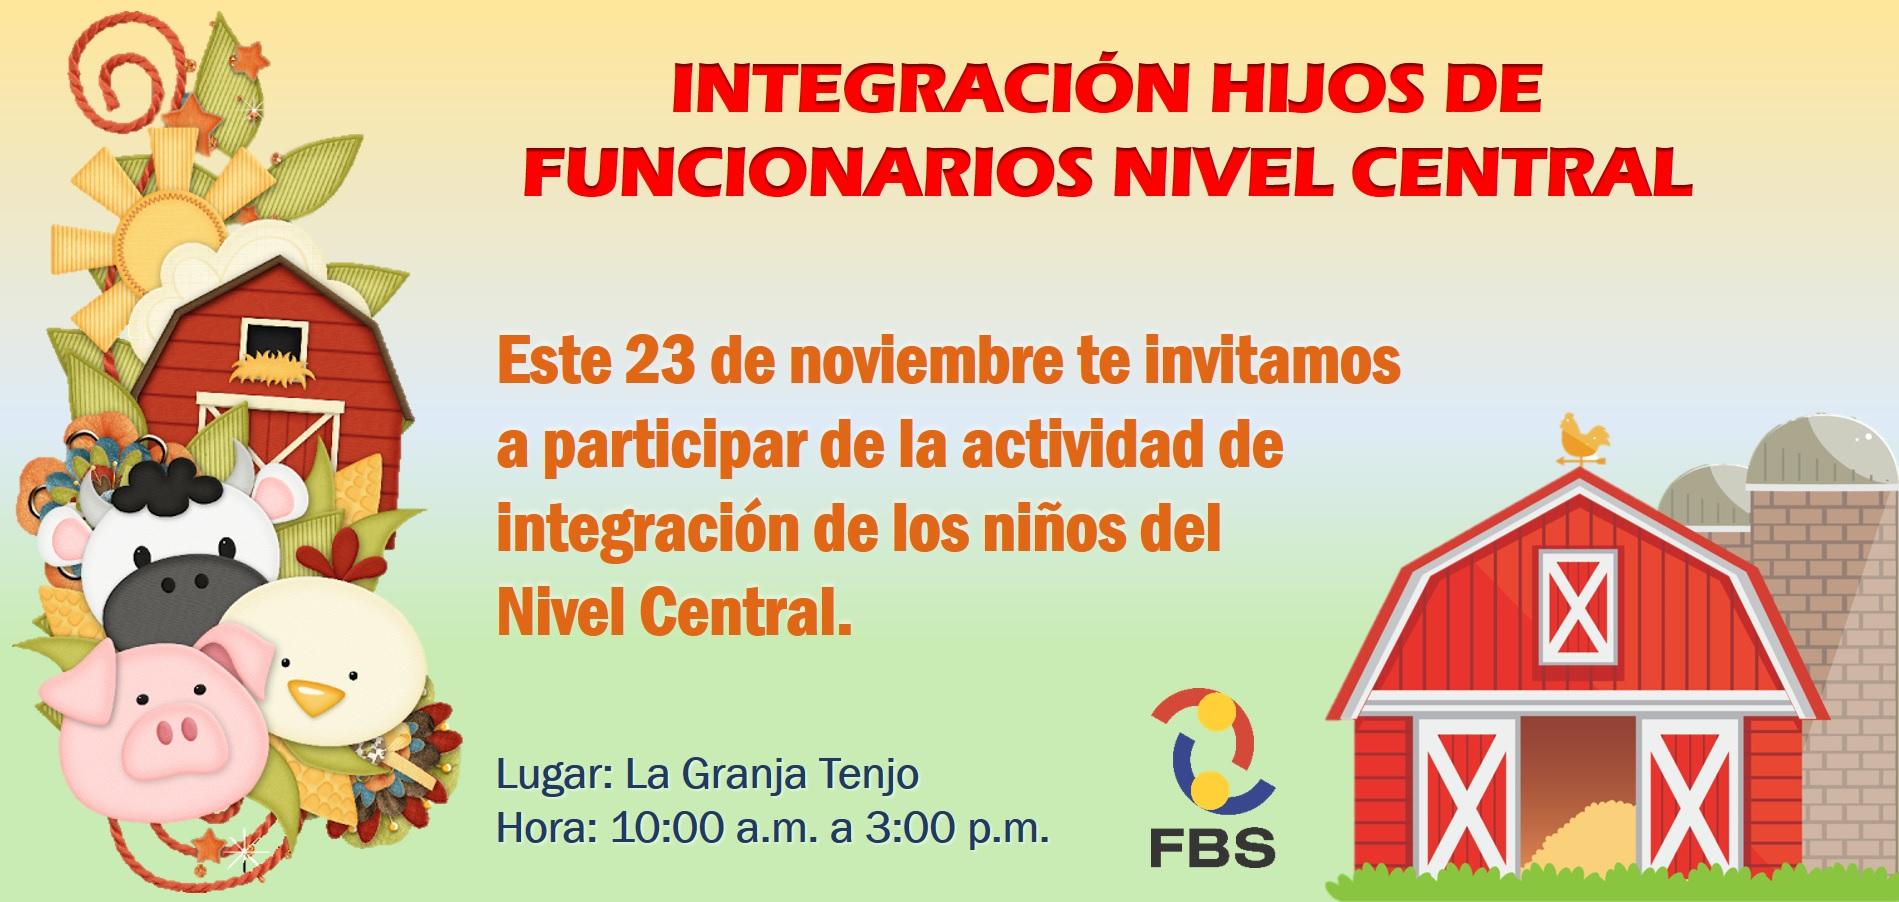 Informacion Integración Hijos de Funcionarios Nivel Central